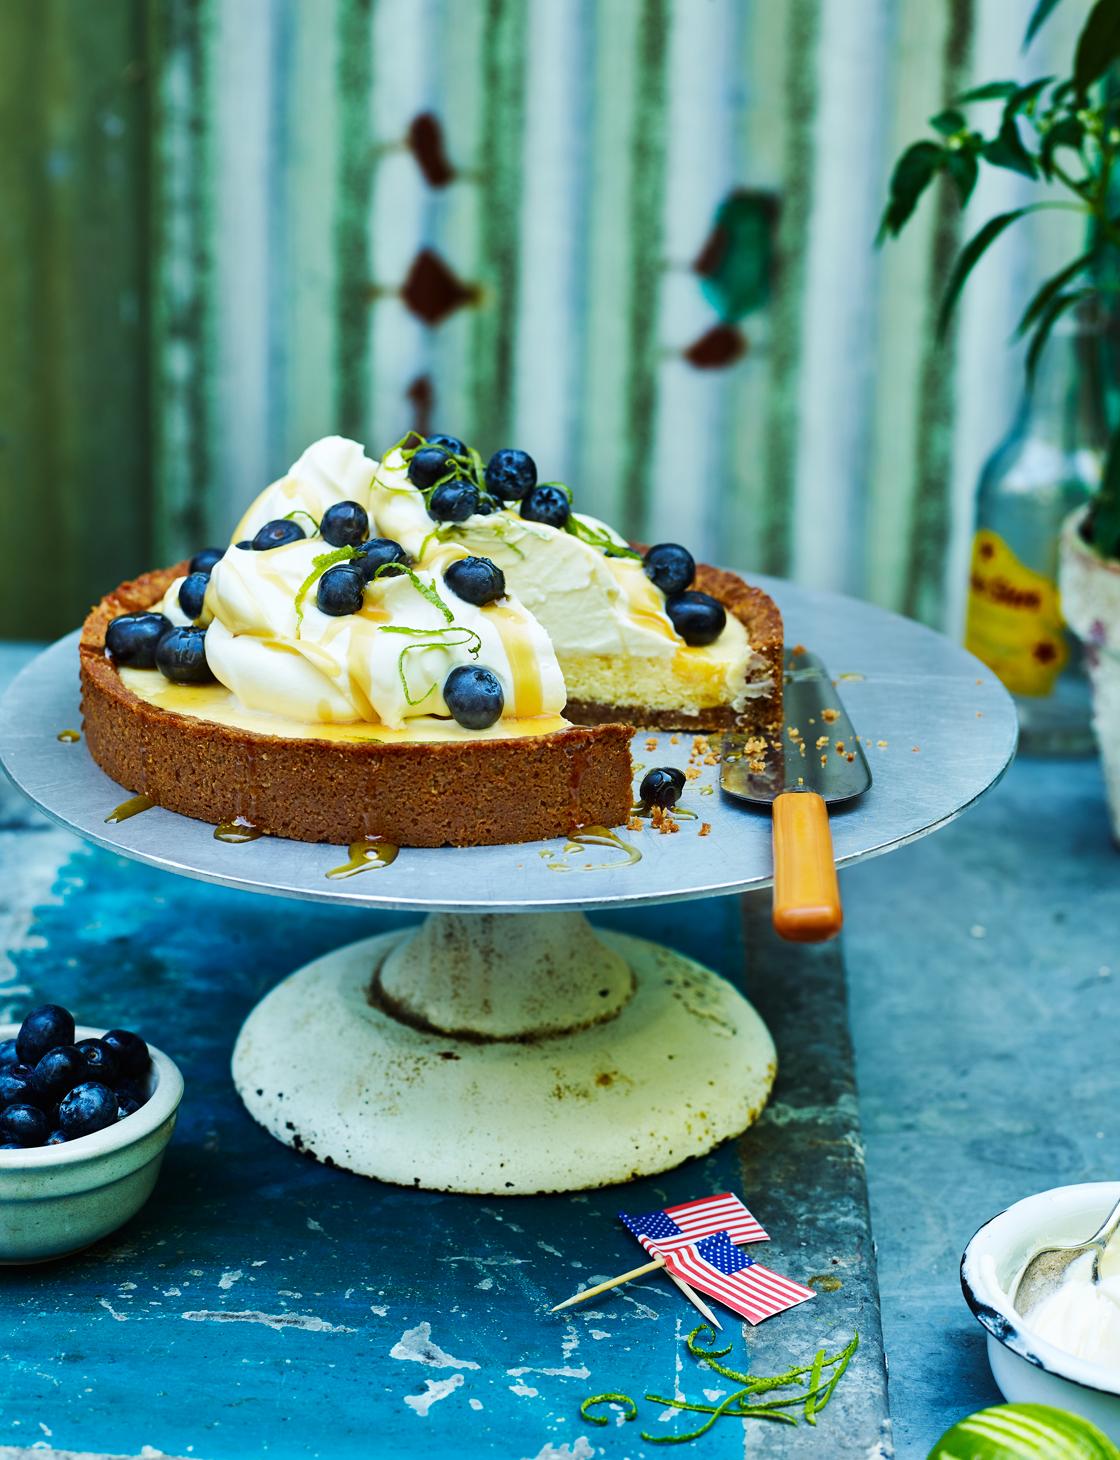 Key lime pie recipe | Sainsbury's Magazine